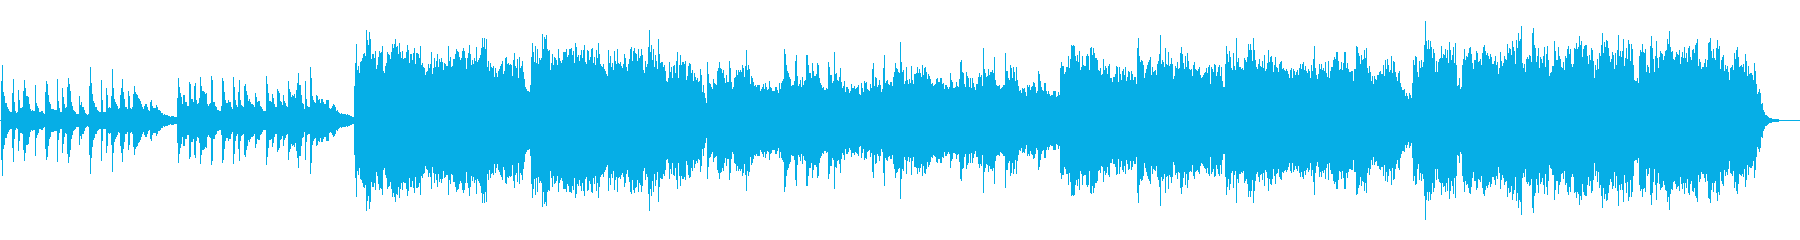 【リズム抜】日本の伝統や四季/壮大な和風の再生済みの波形